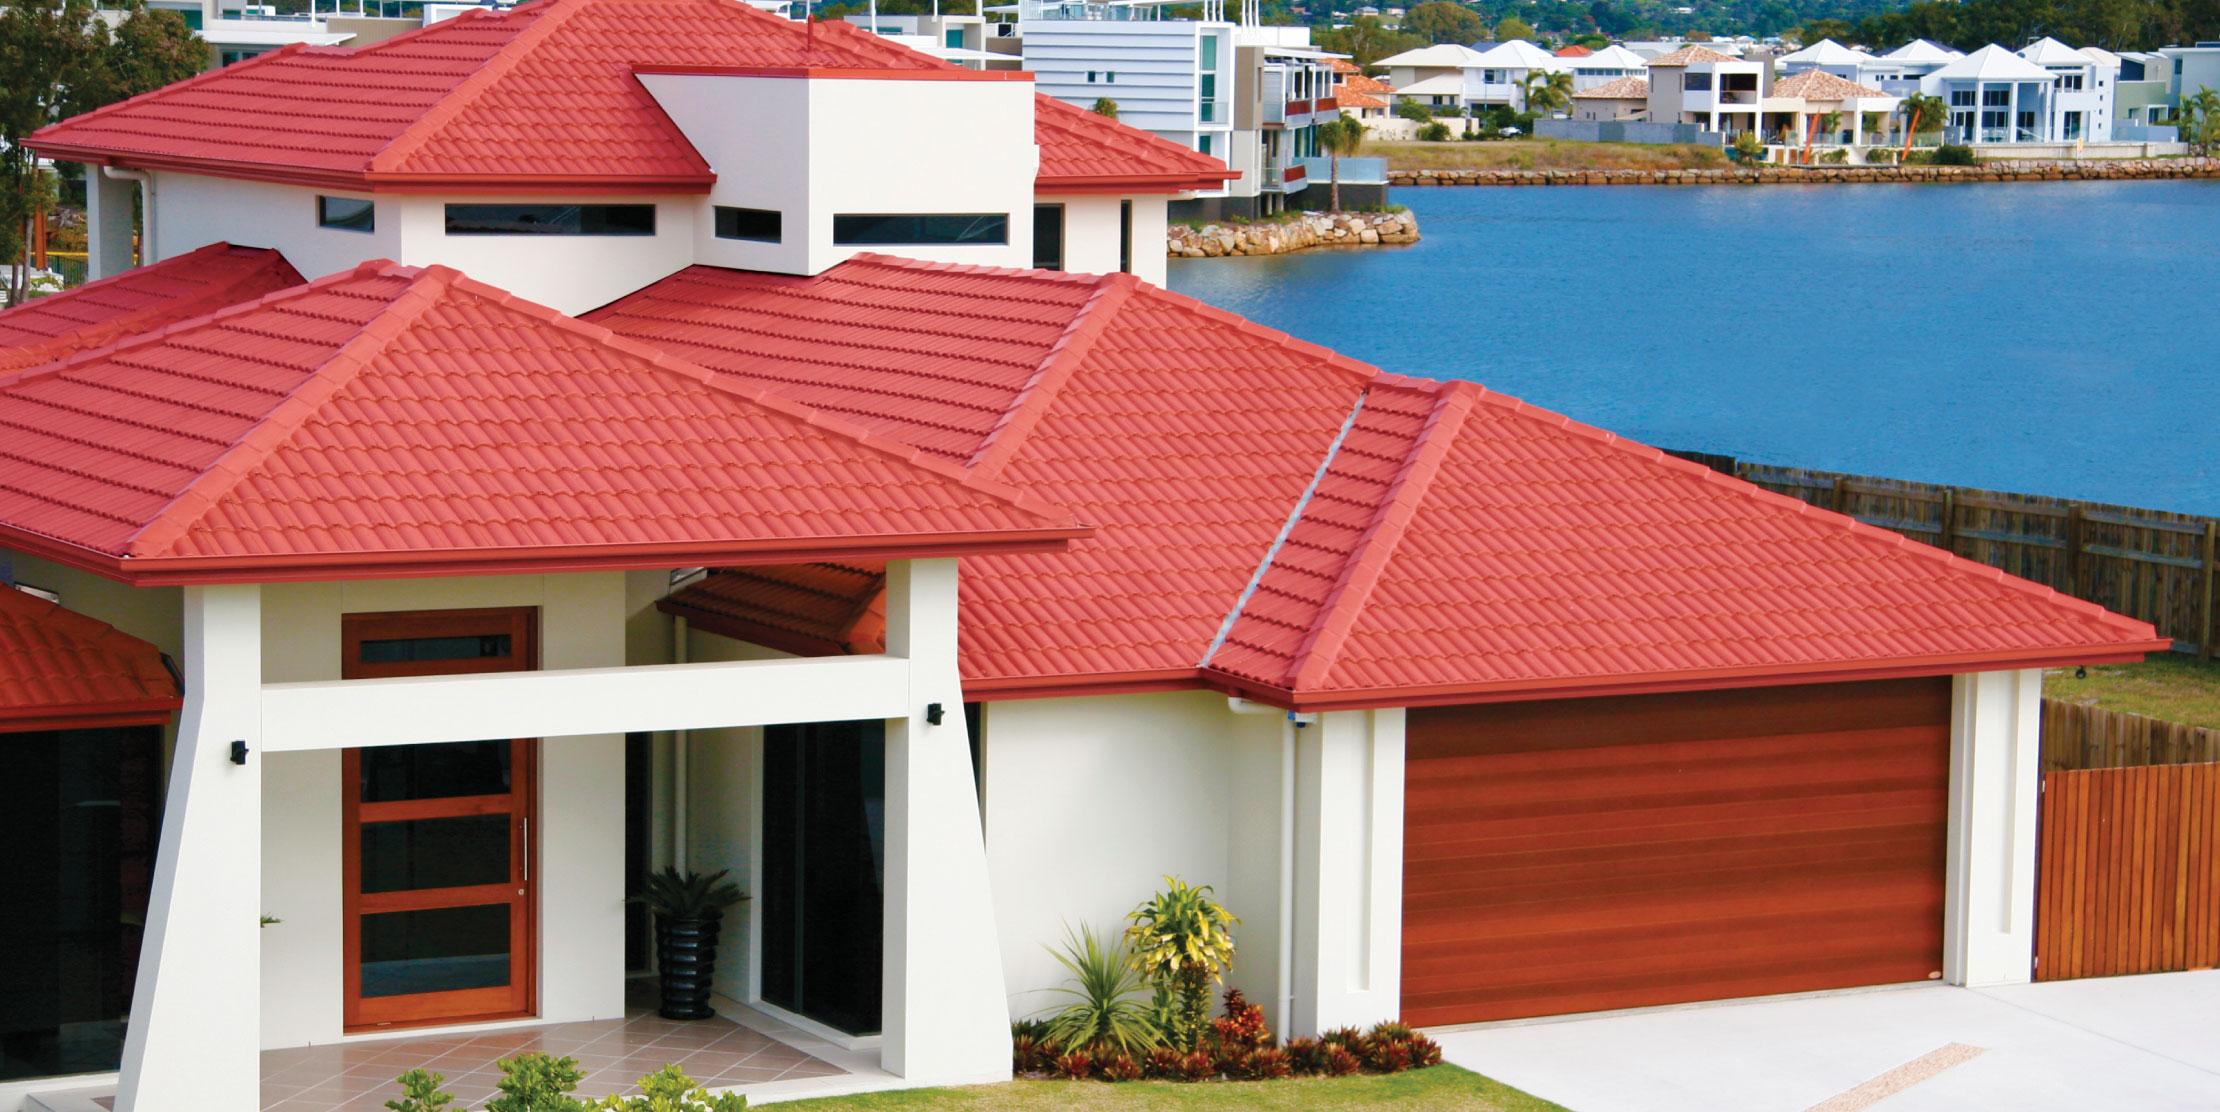 telhados estilo colonial uma cobertura ideal para lugares mais quentes